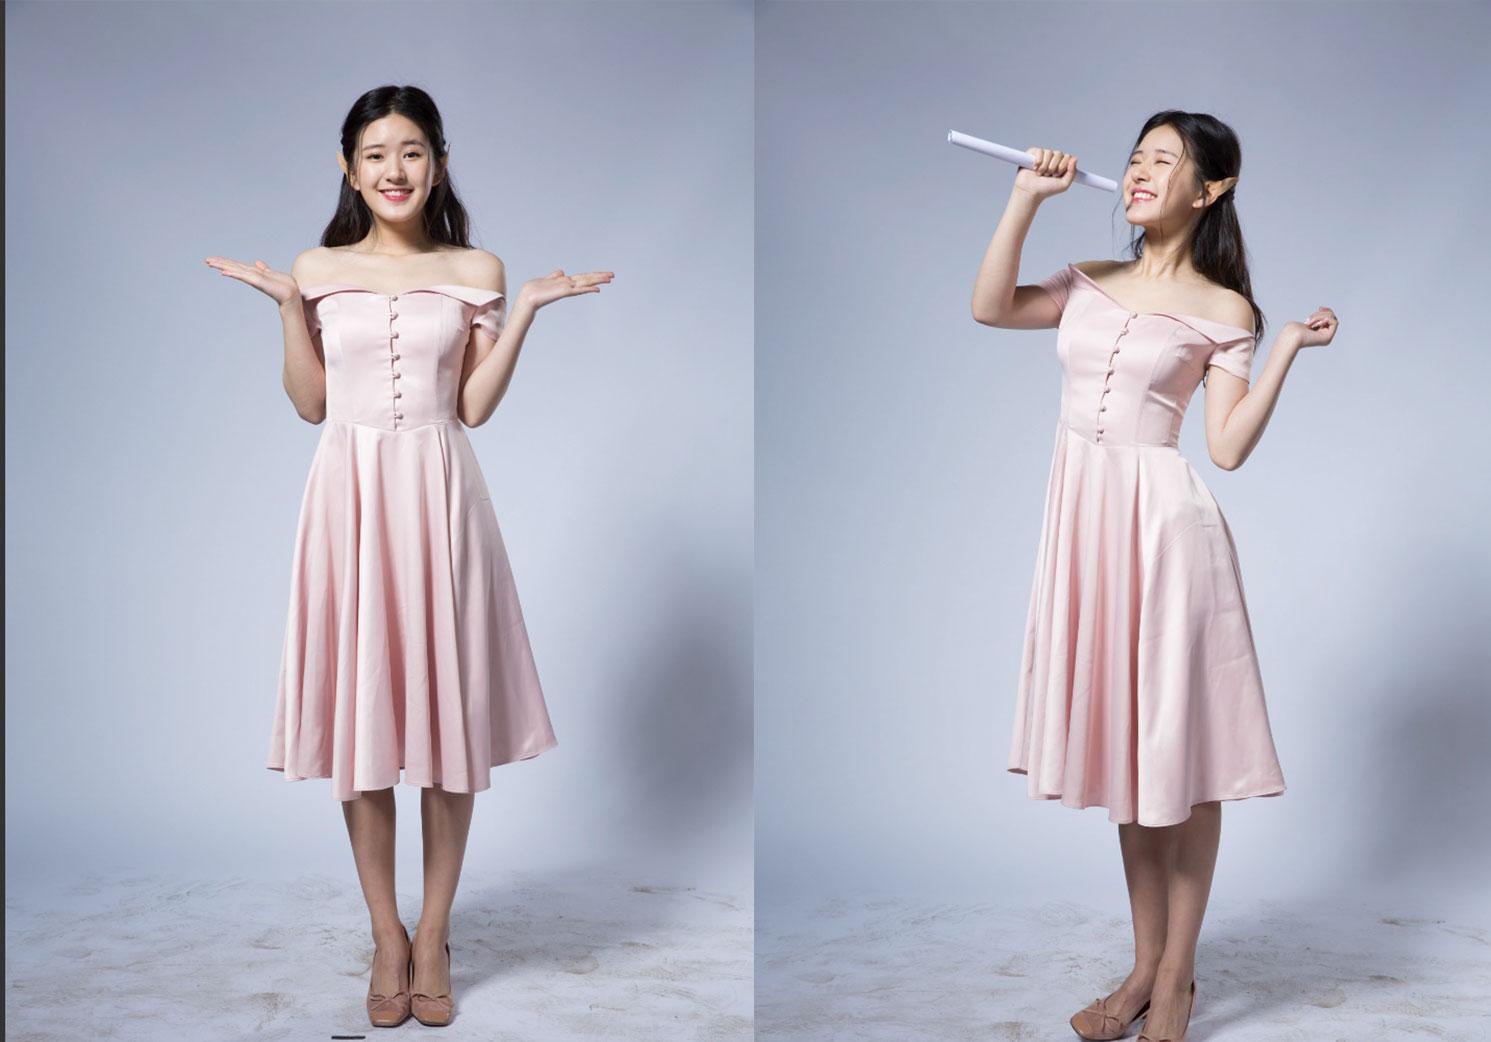 人像修图练习素材 明星生图 赵露思棚拍白色纱裙后期练习素材 收集整理 第1张